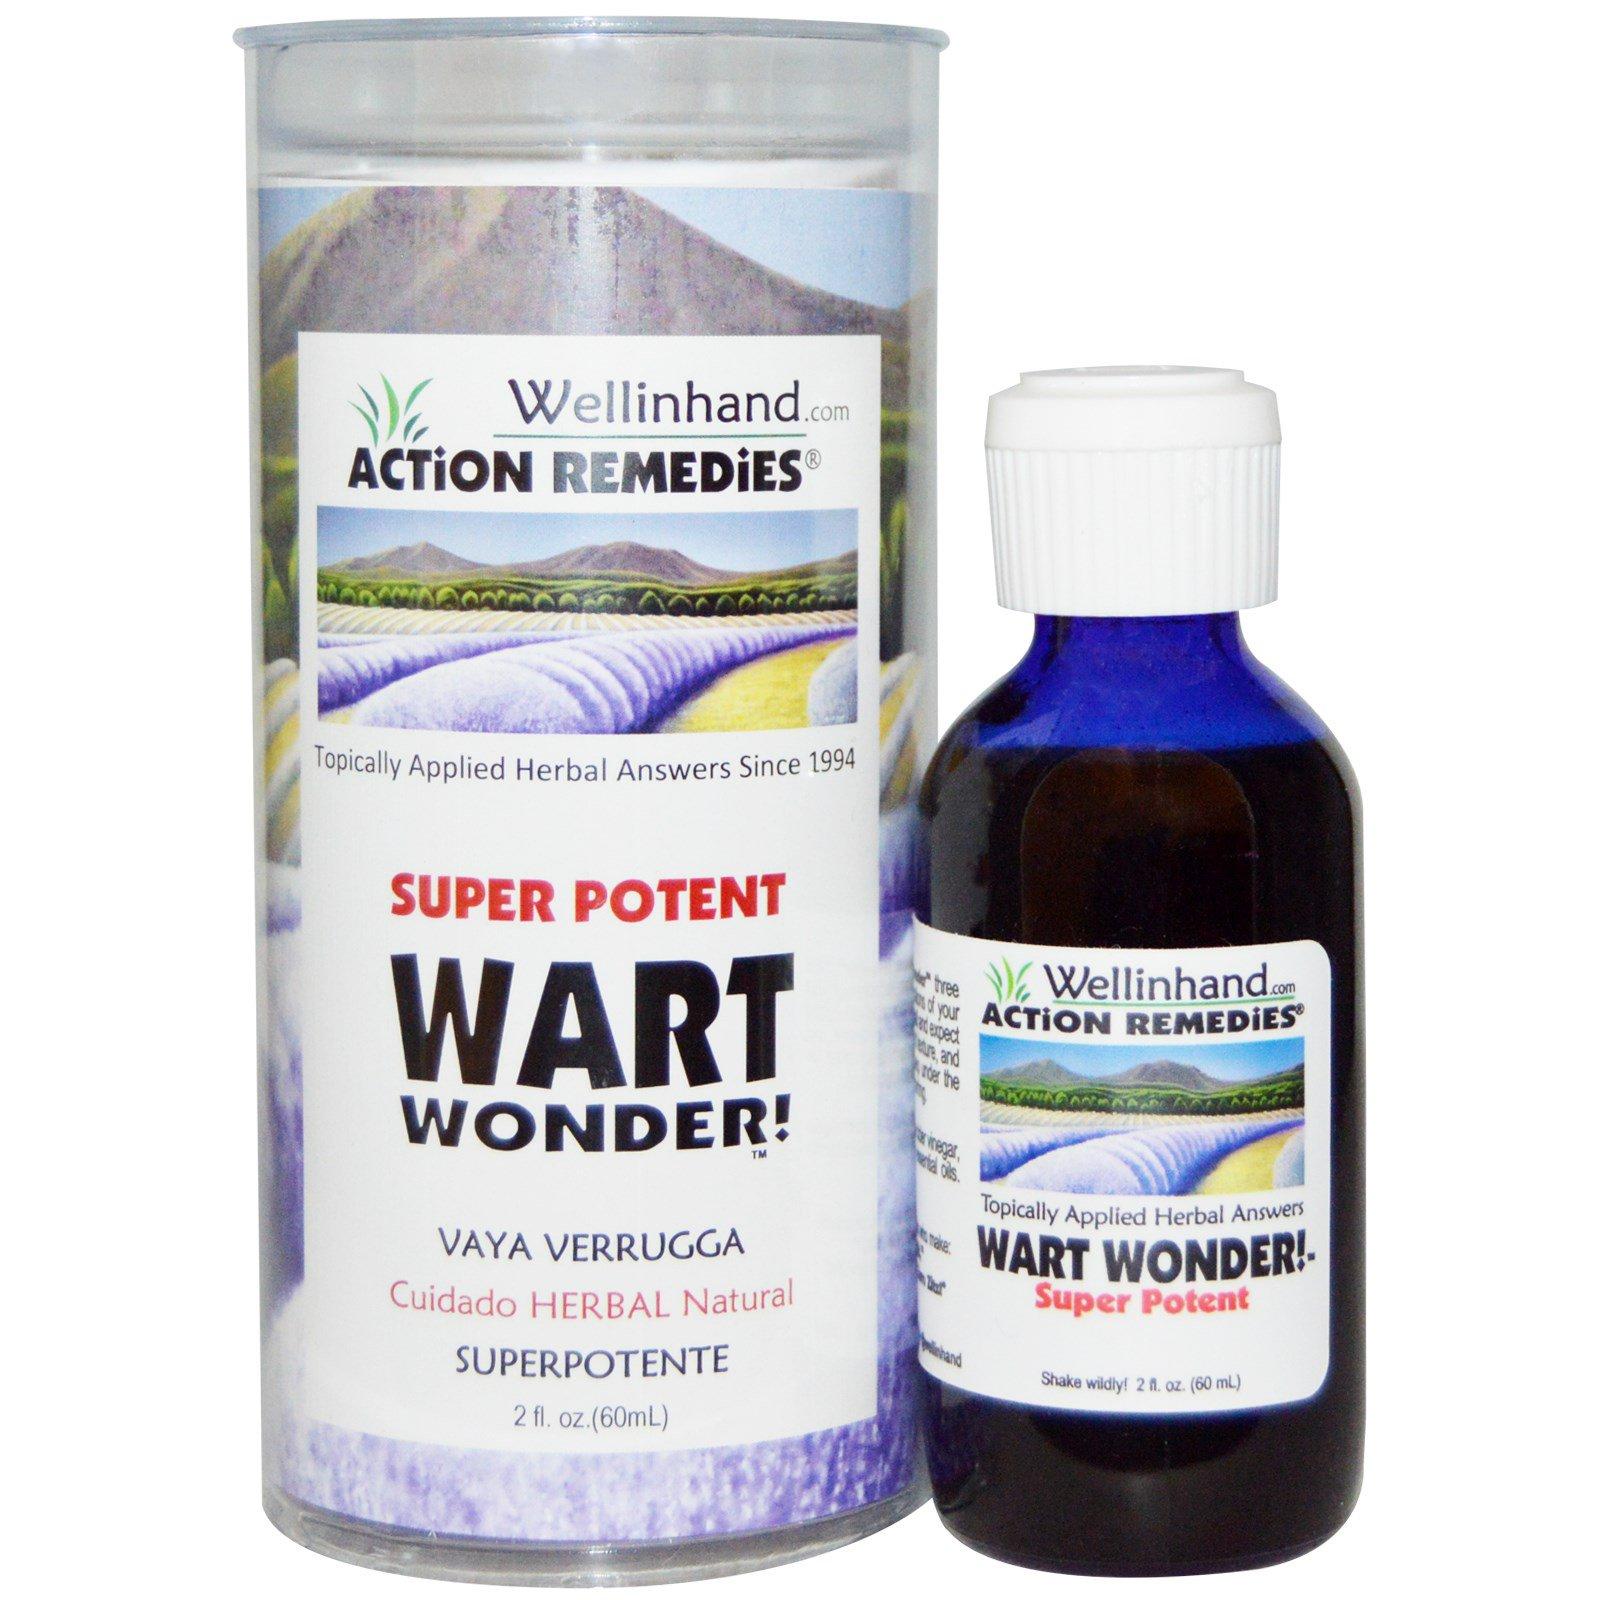 Wellinhand Action Remedies, Super Potent, Wart Wonder!, 2 fl oz (60